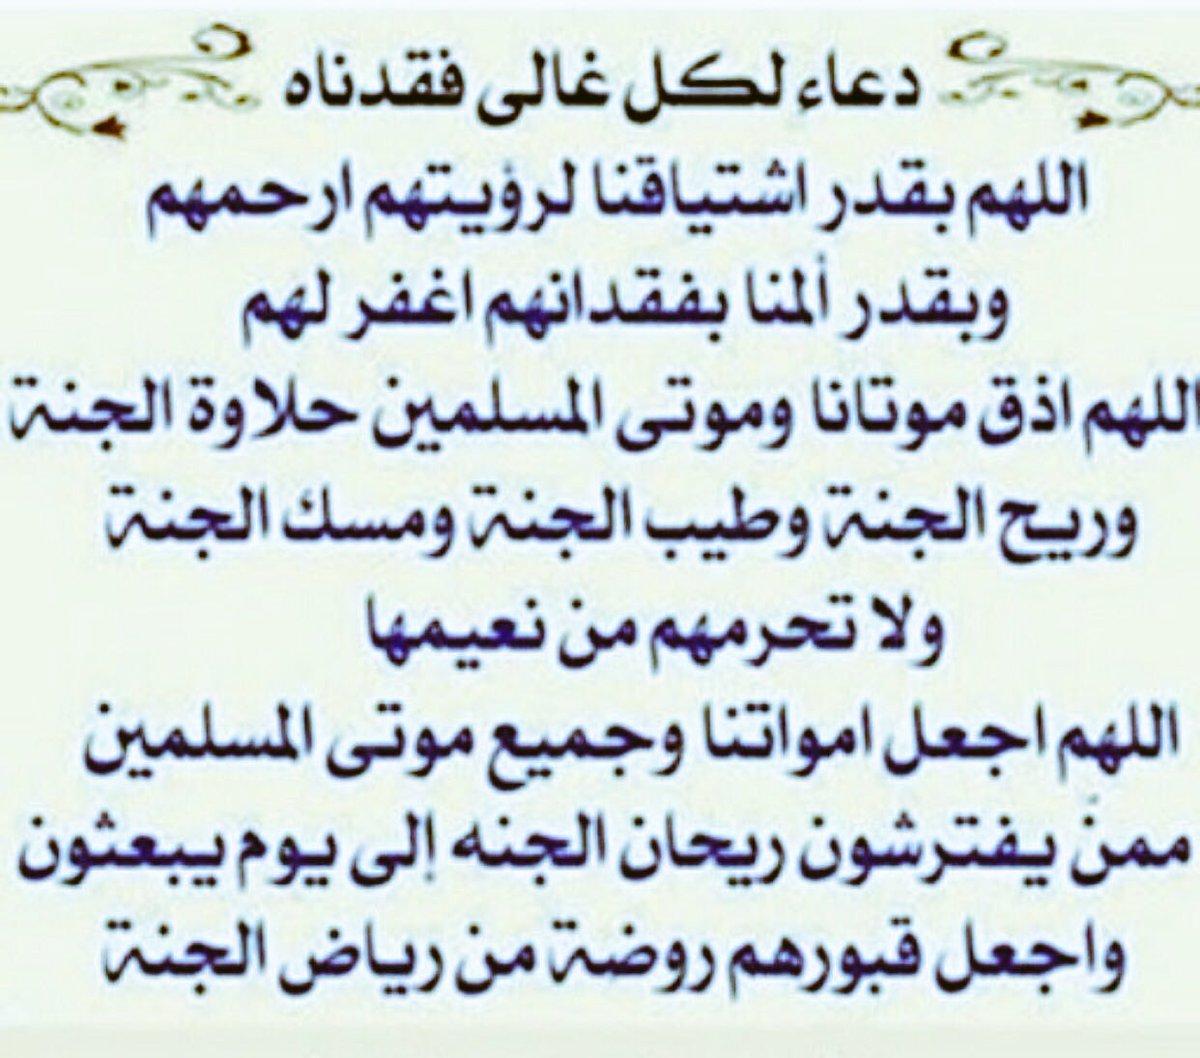 بالصور دعاء للمسلمين , افضل دعاء للمسلمين للتقرب الى الله 5962 3